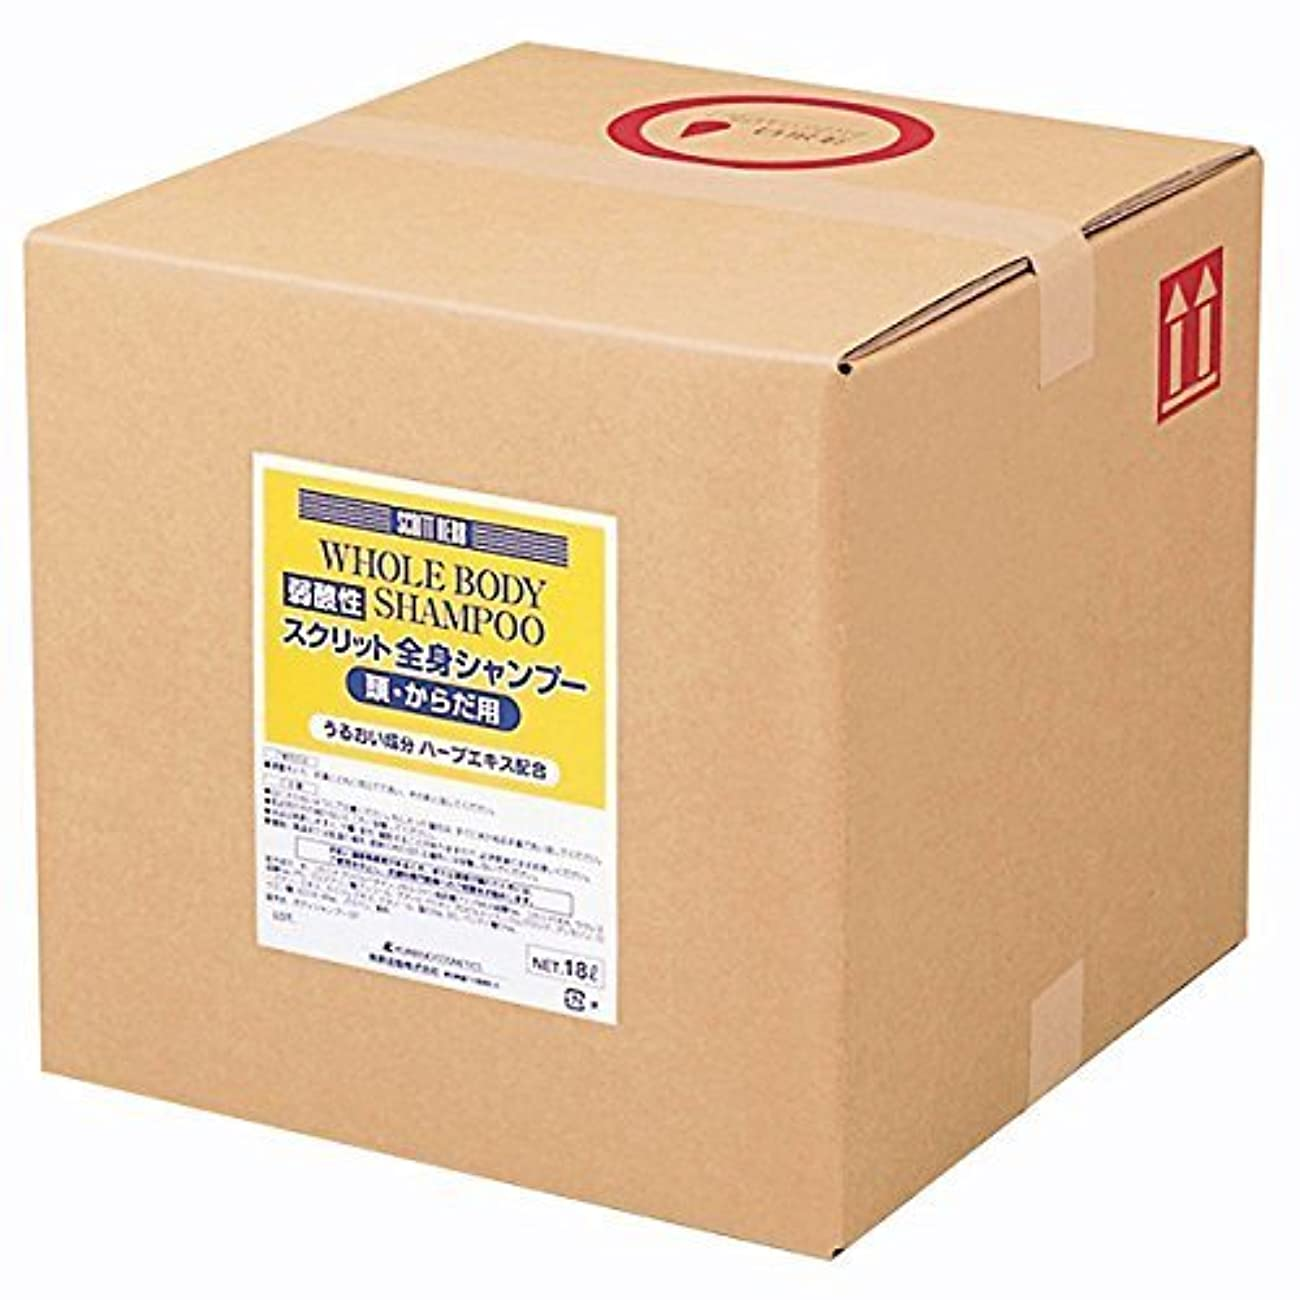 曇ったスカルクプレゼンテーション業務用 SCRITT(スクリット) 全身シャンプー 18L 熊野油脂 (コック付き)